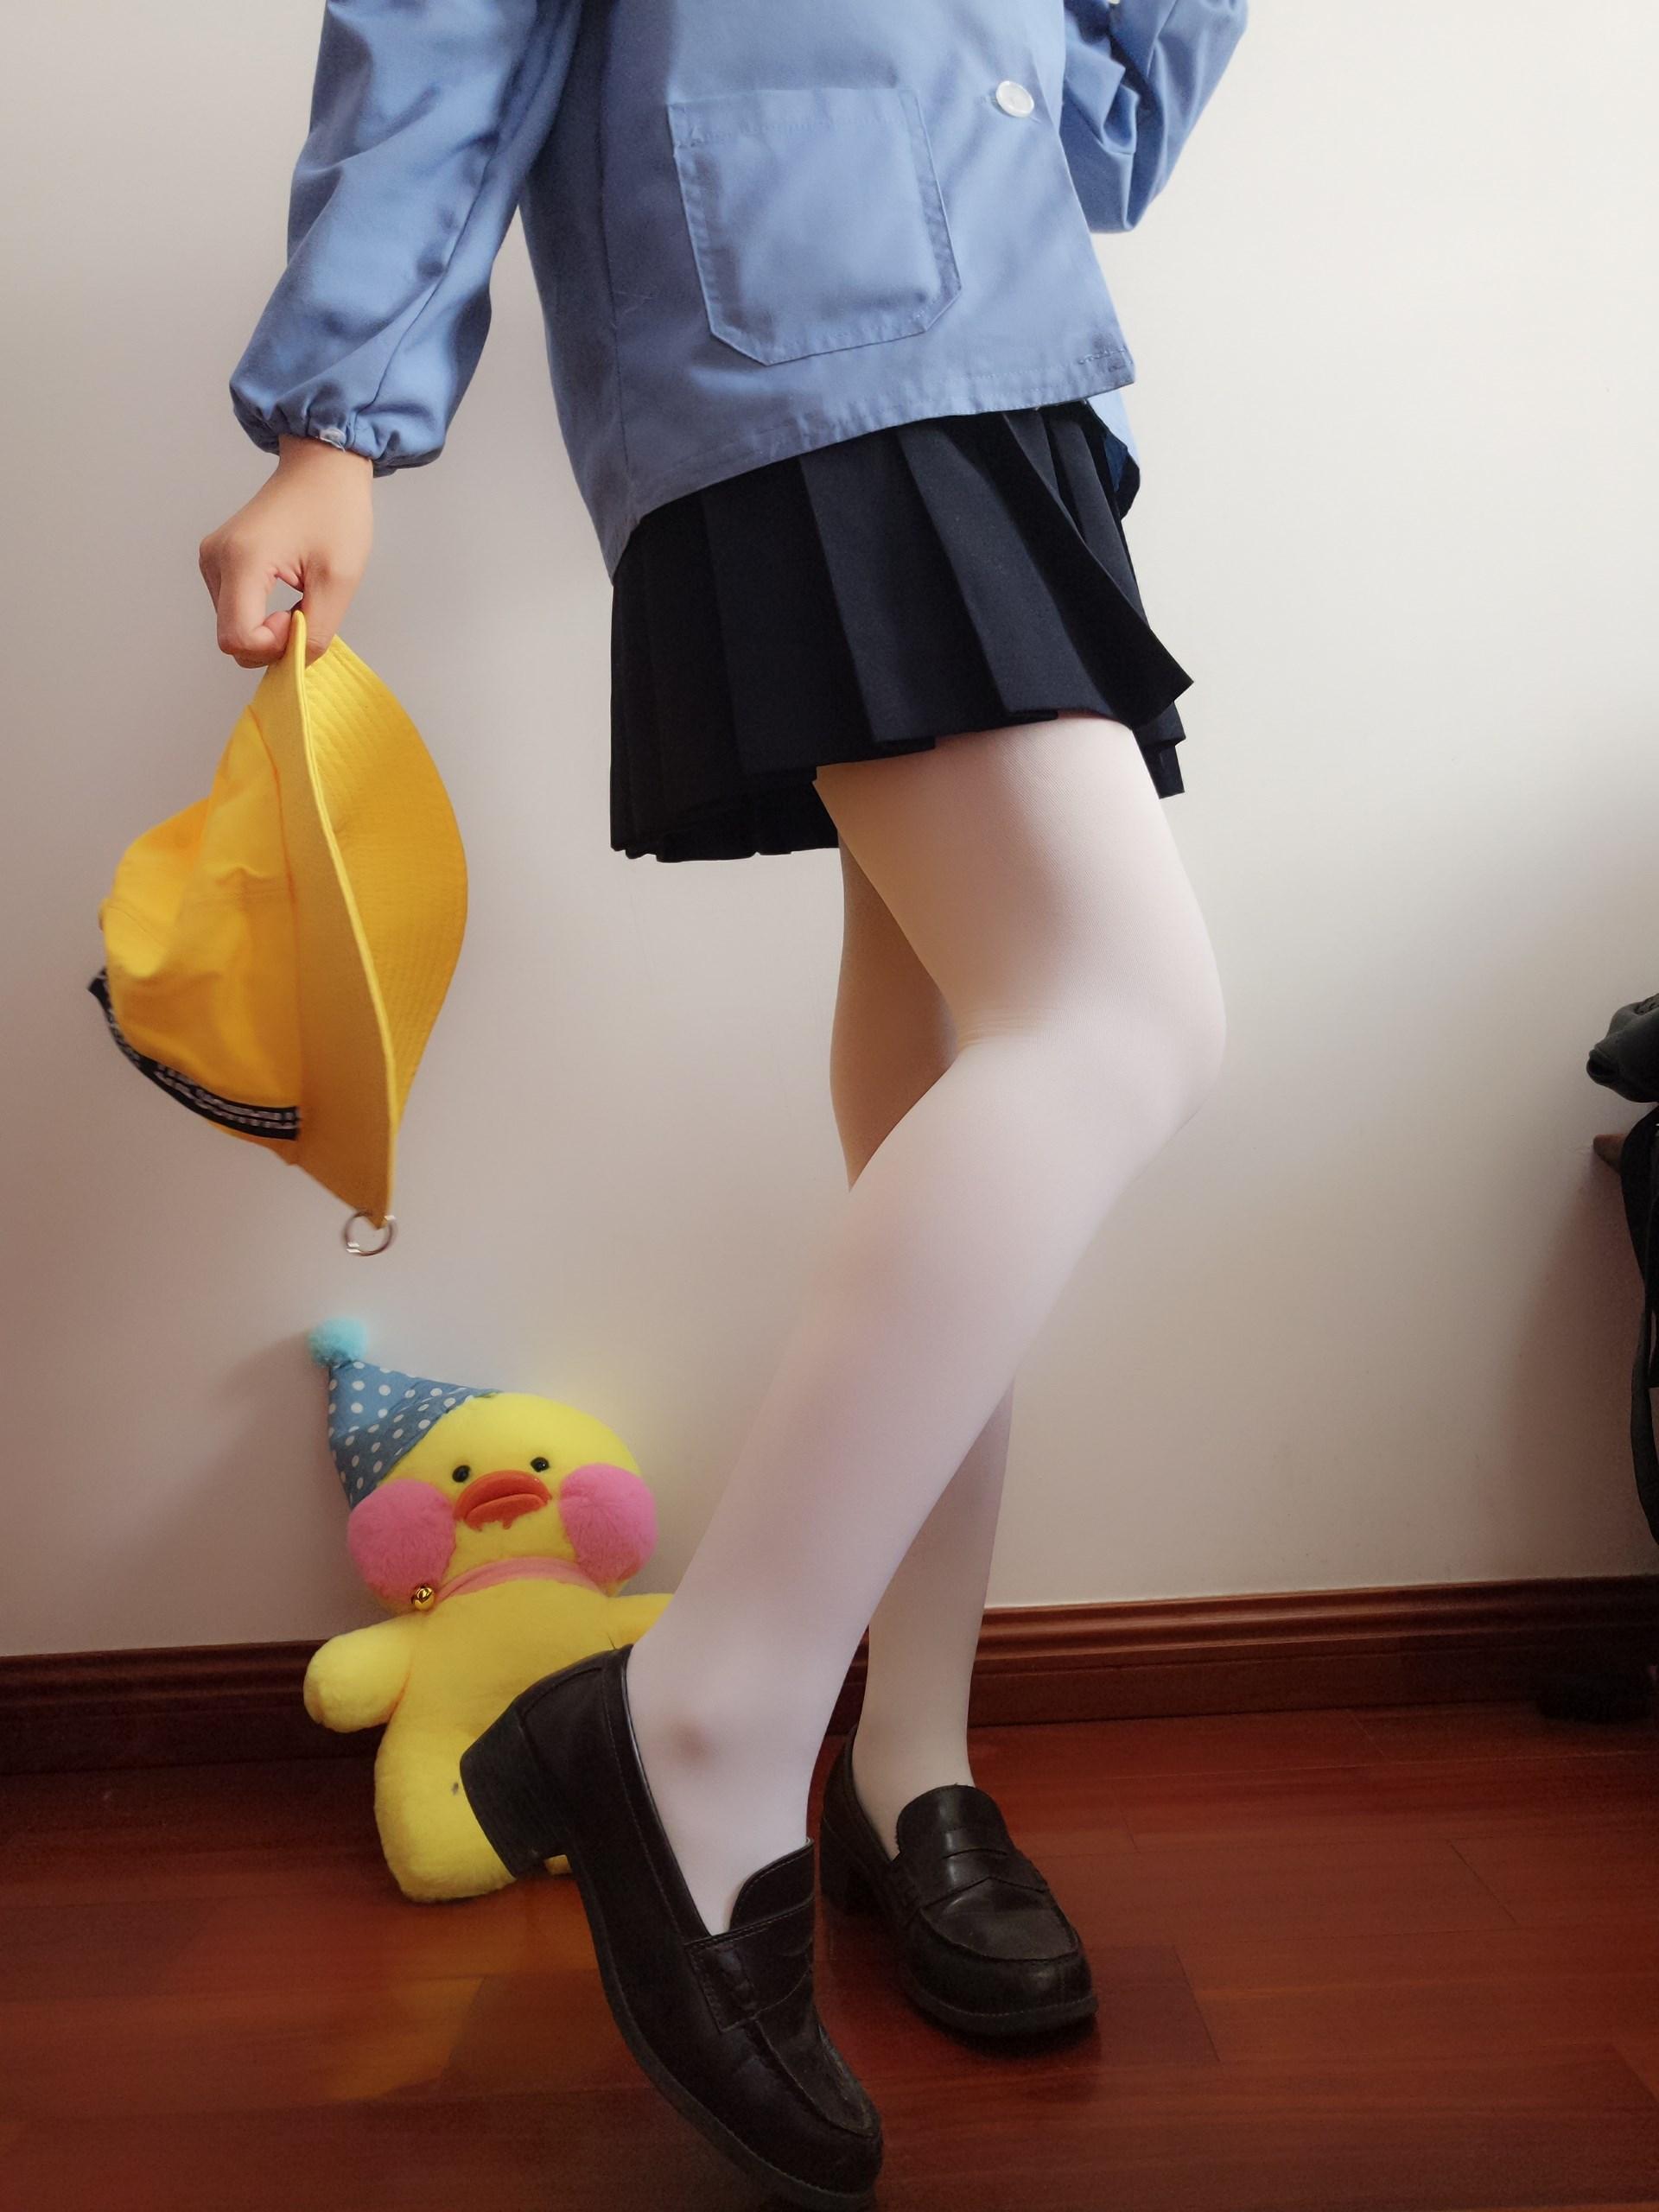 【兔玩映画】萝莉自拍-白丝 兔玩映画 第22张